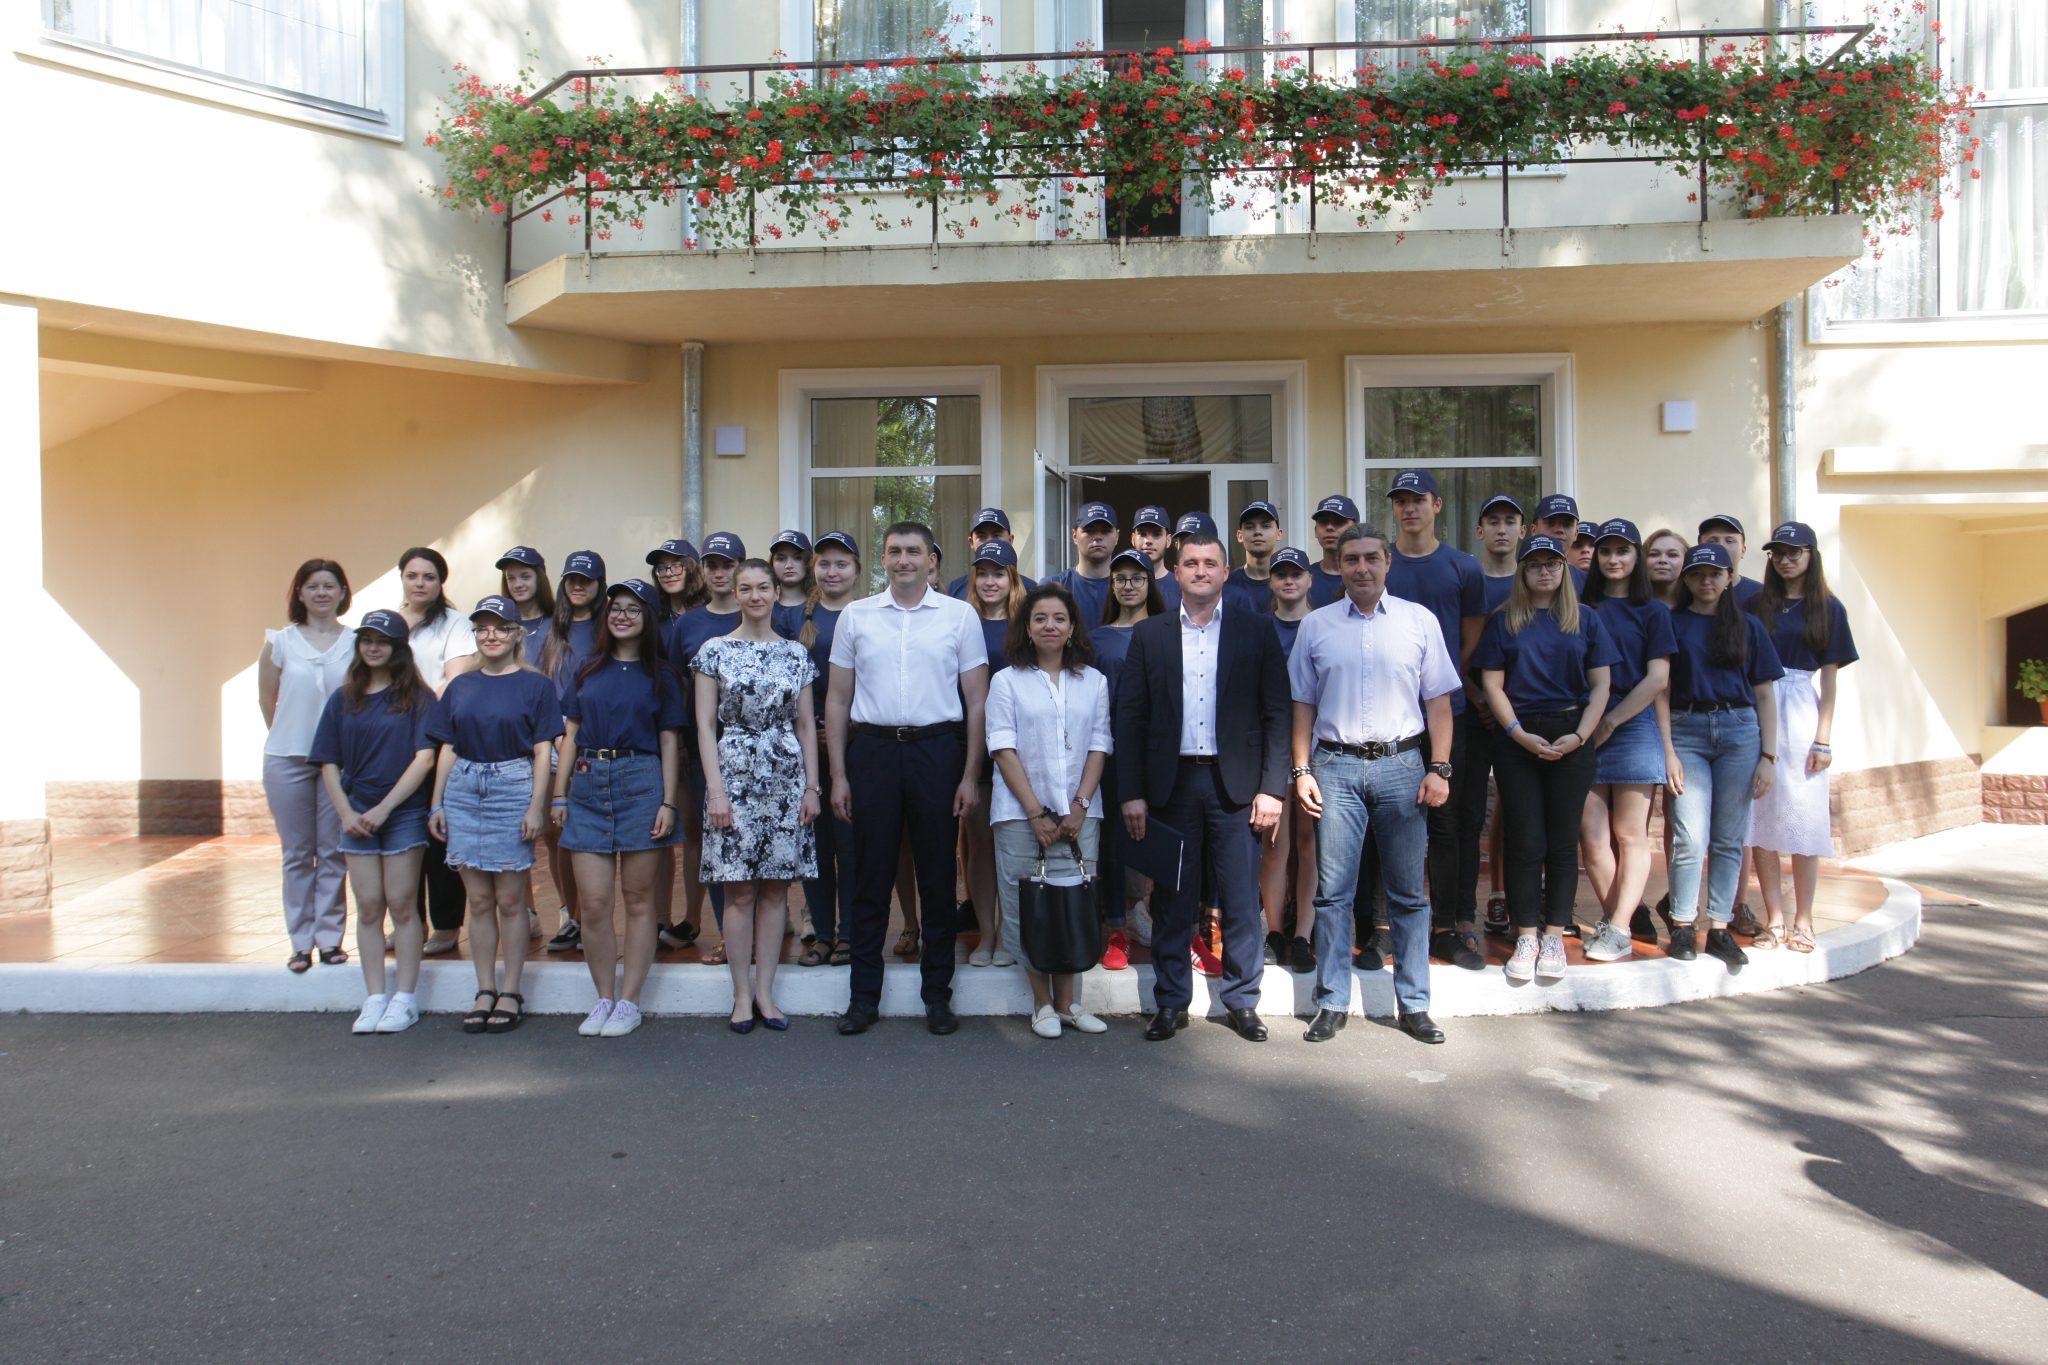 Tineri ambasadori ai integrităţii din Republica Moldova şi România s-au întrunit la o şcoală anticorupţie